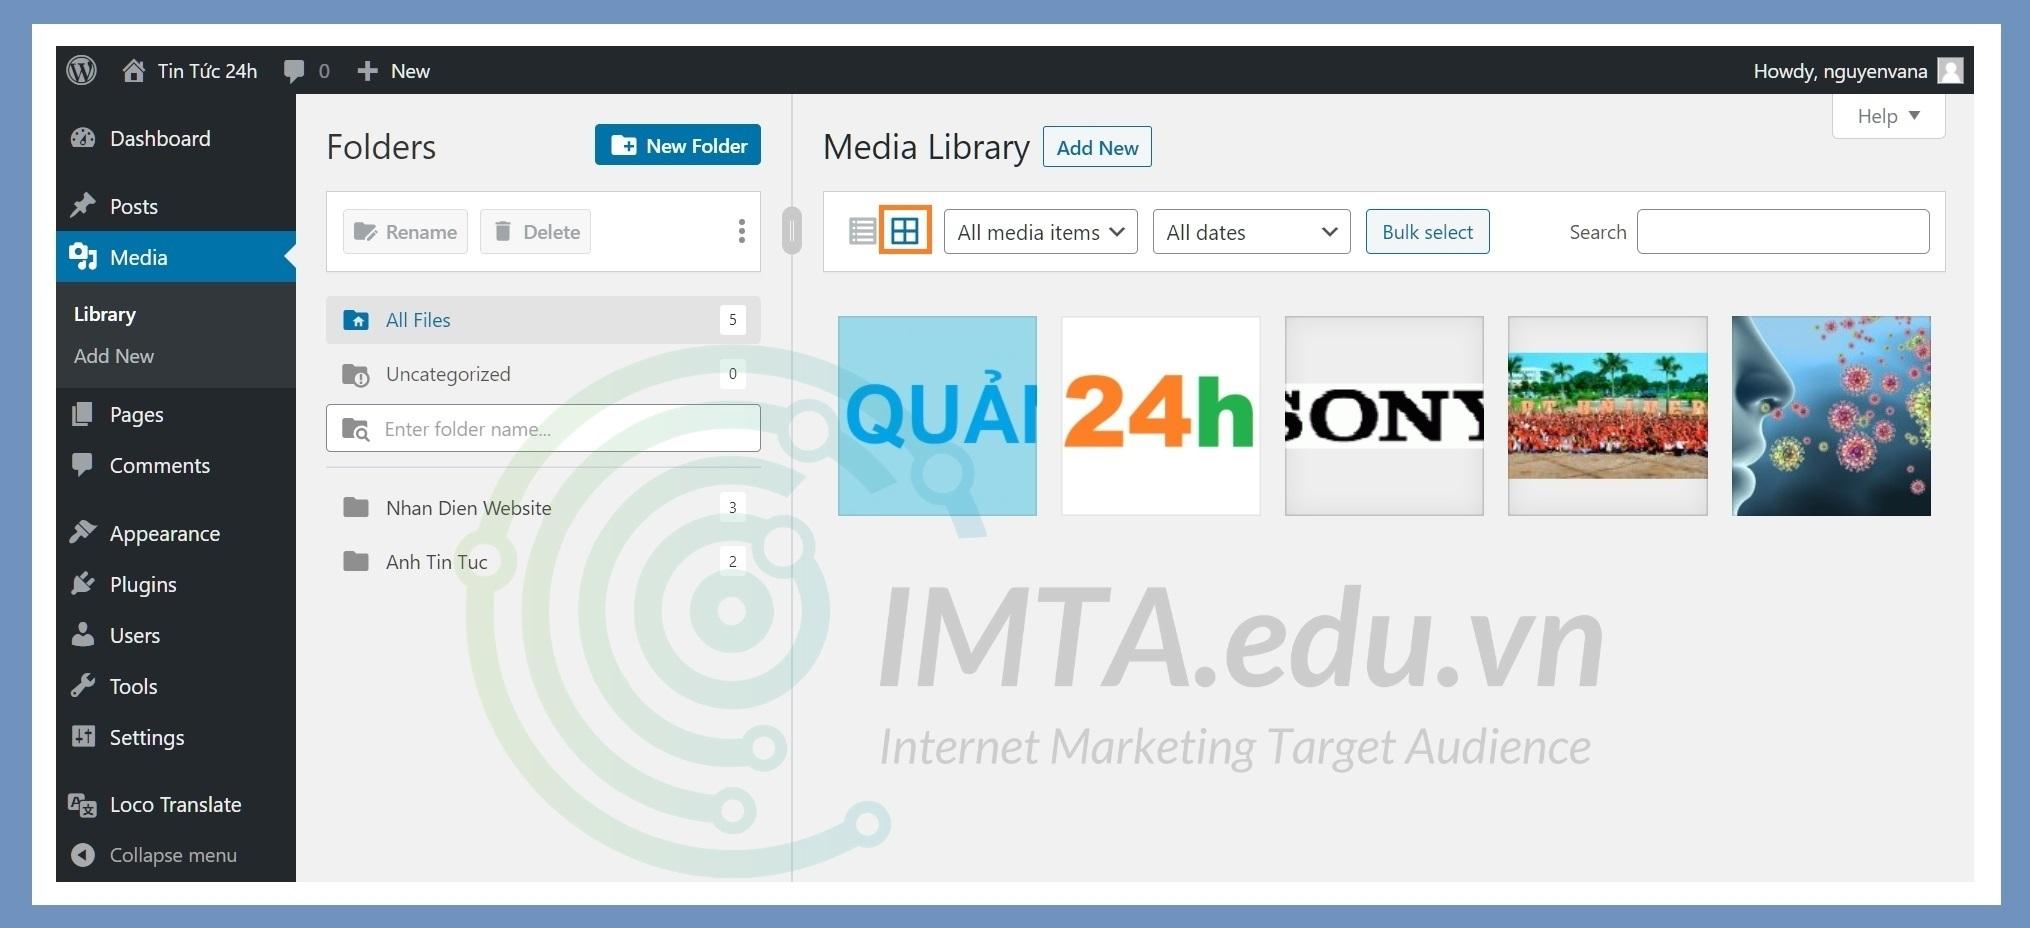 Thay đổi cách hiển thị danh sách file media